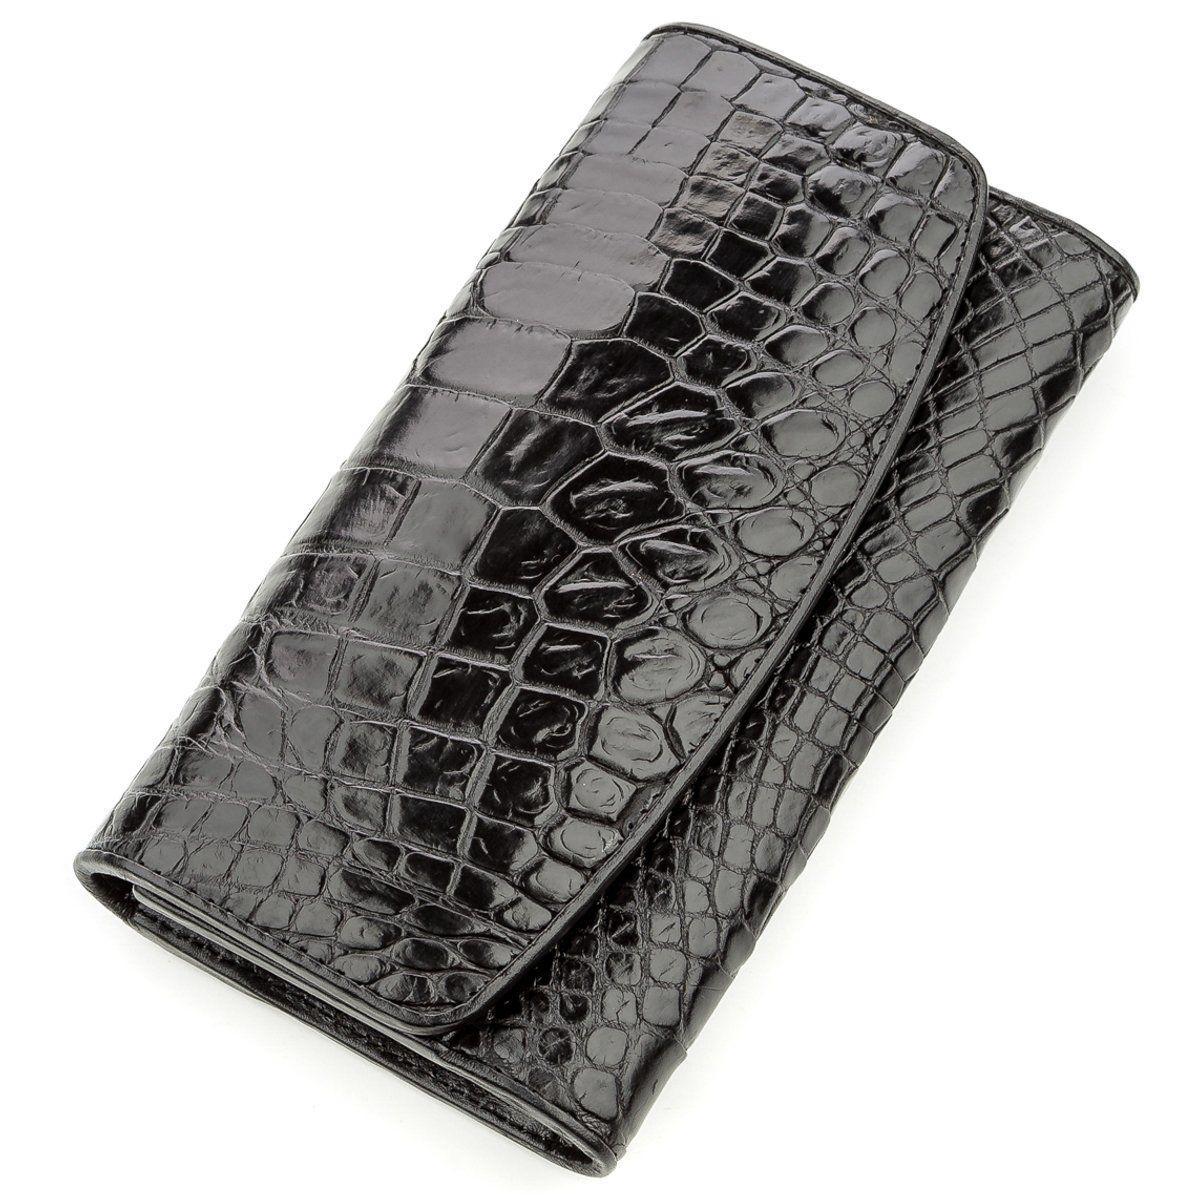 Кошелек-Клатч Crocodile Leather 18572 Из Натуральной Кожи Крокодила Черный, Черный